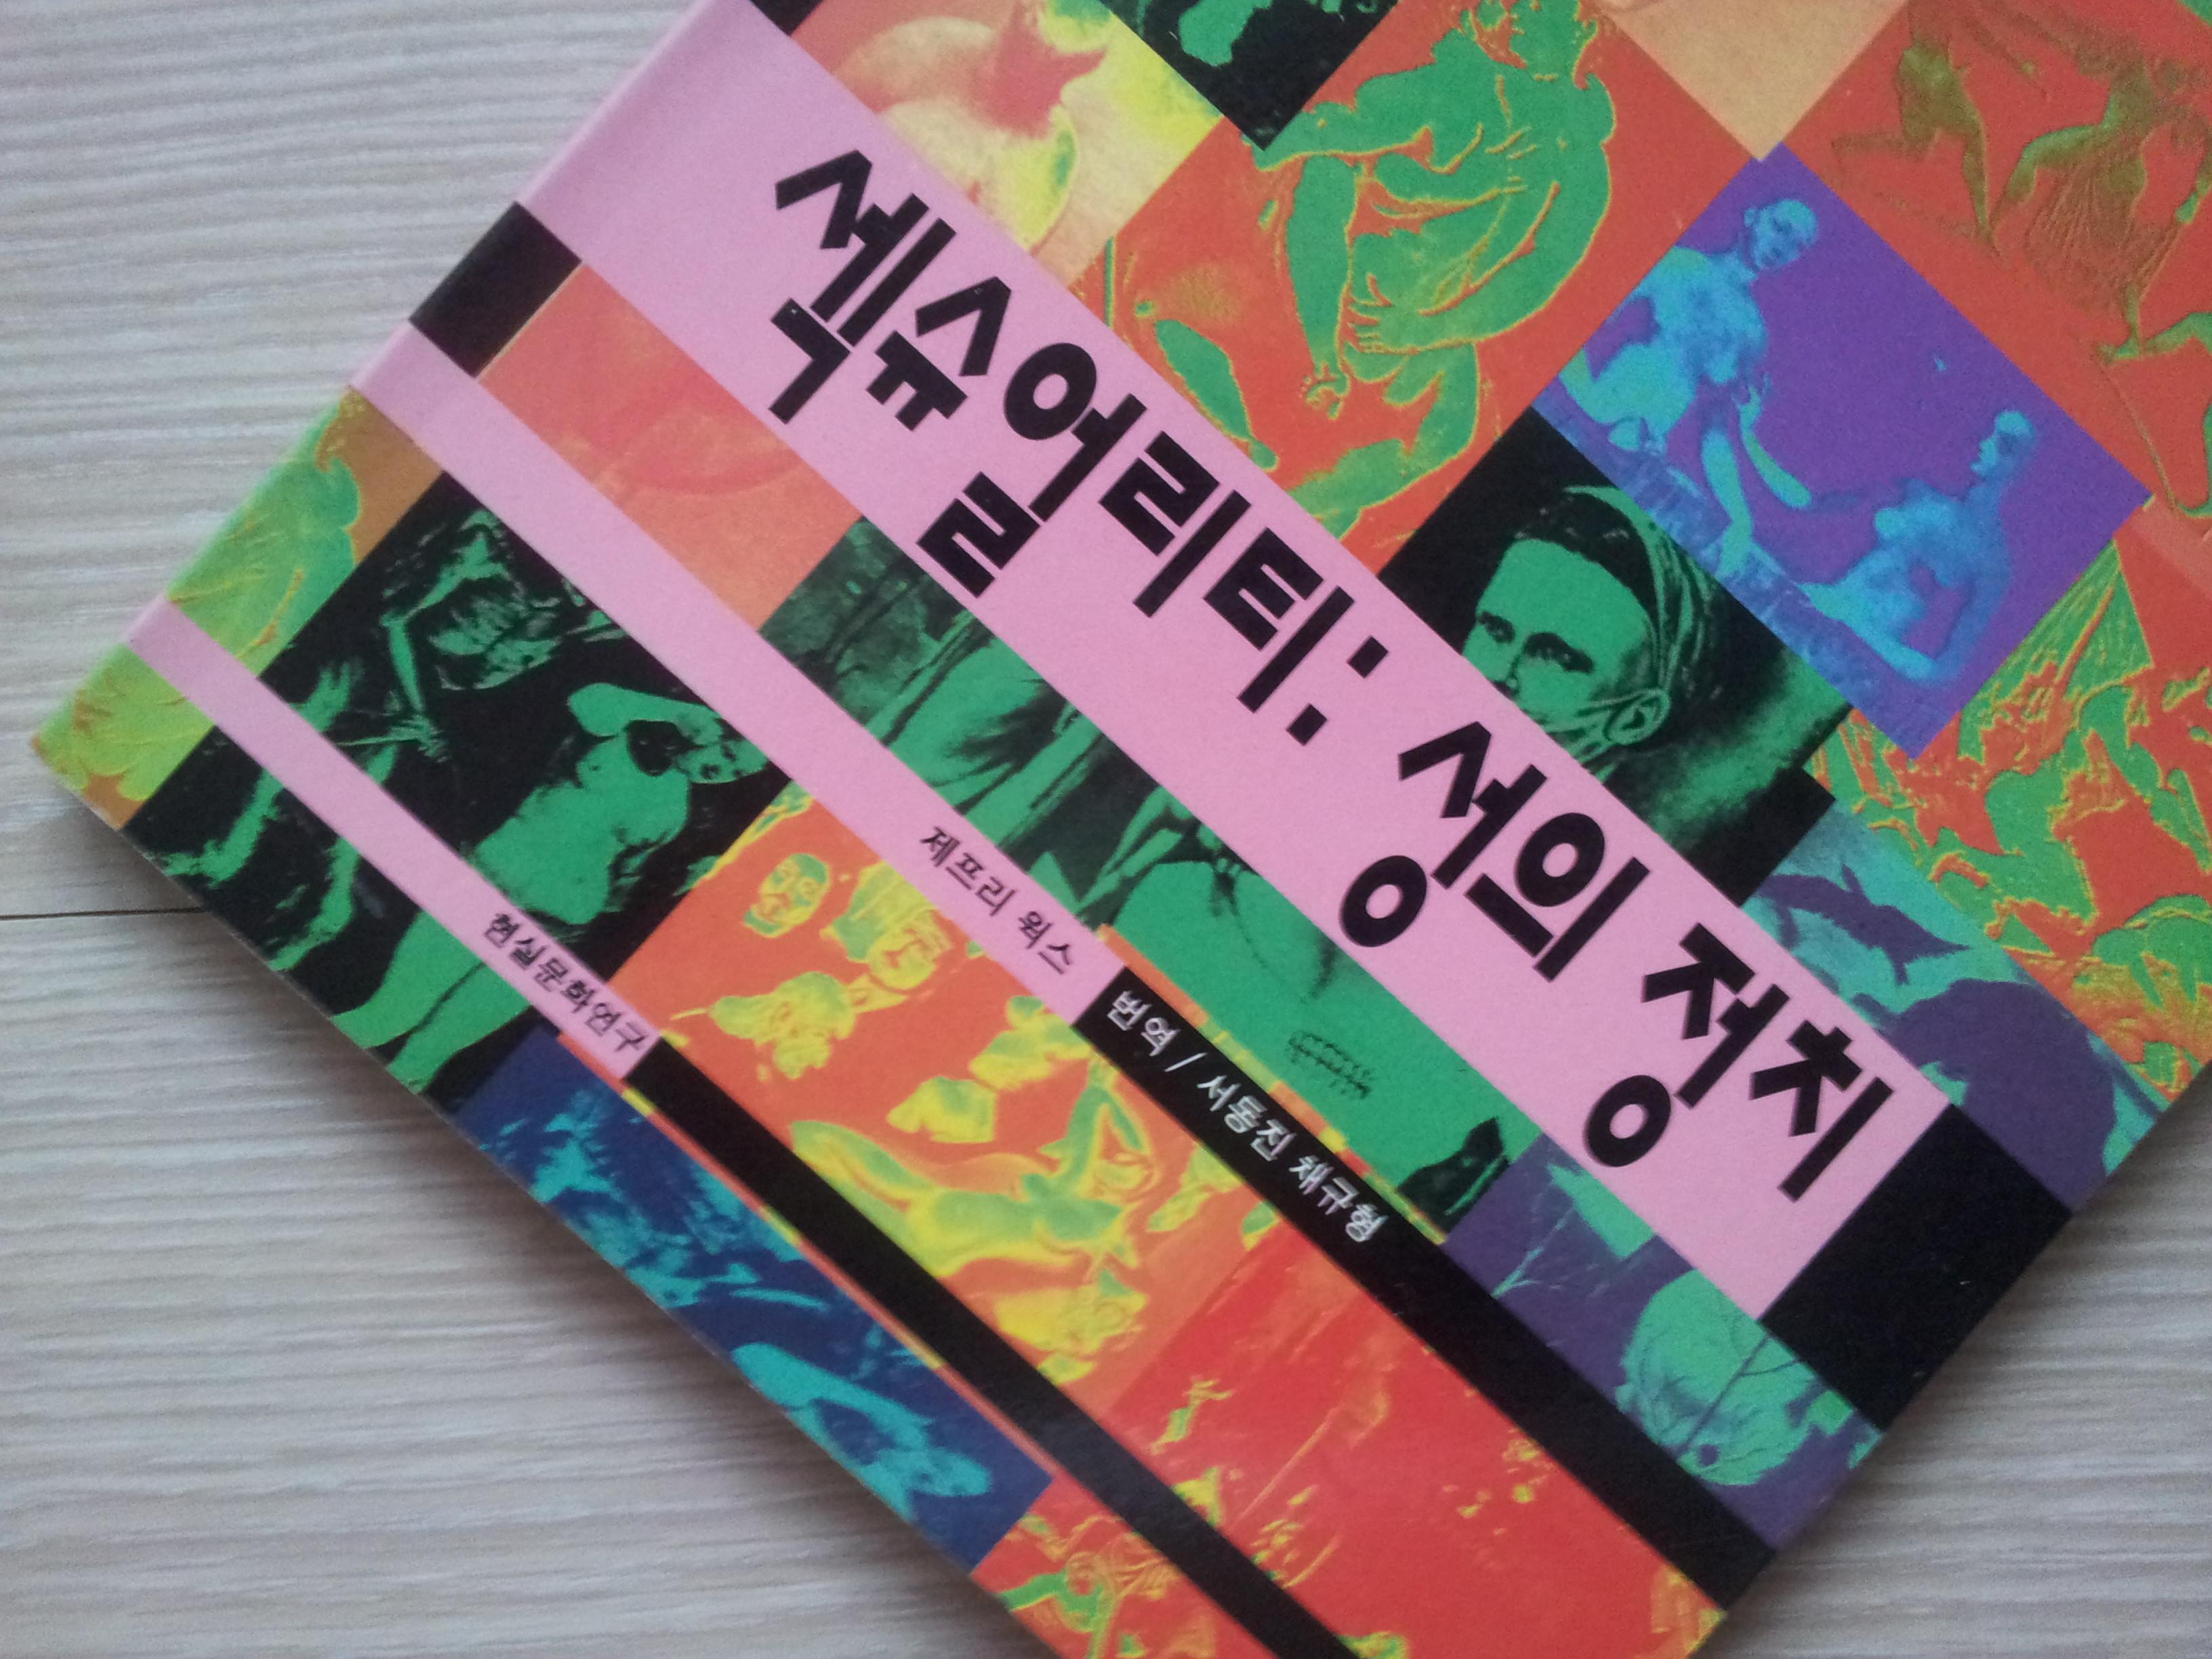 섹슈얼리티 성의 정치 1994년판